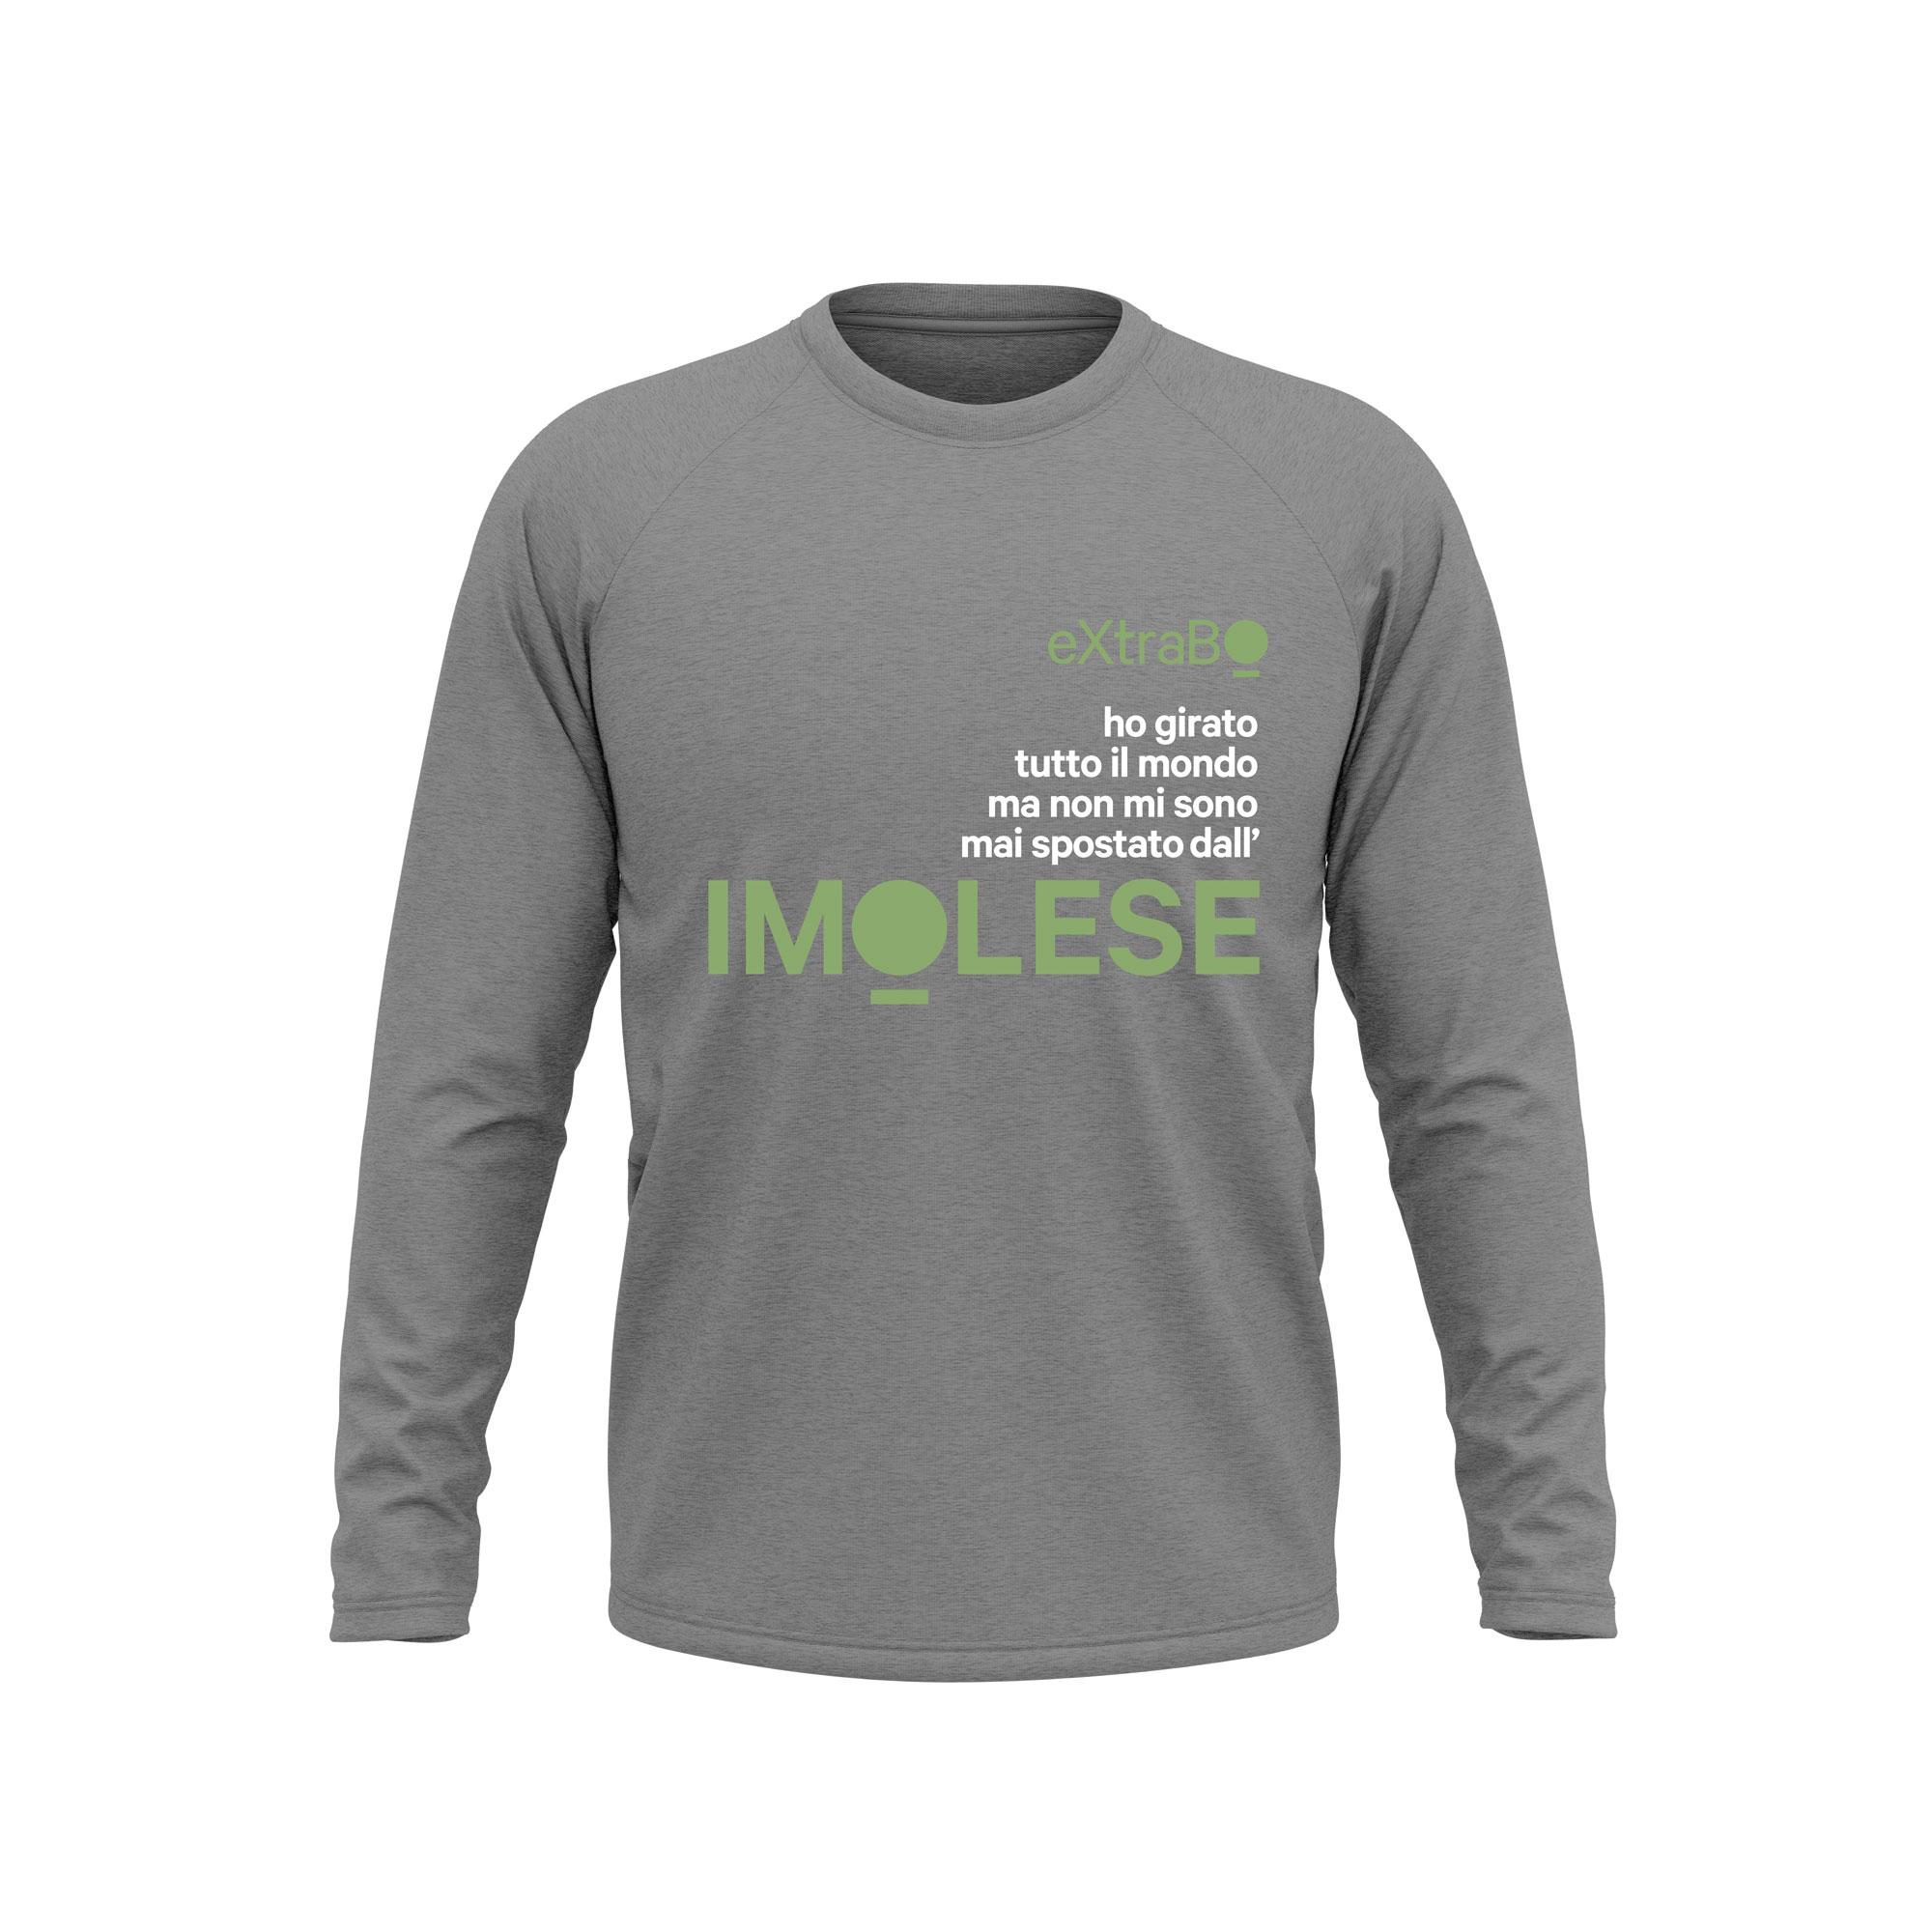 Mockup_imolese